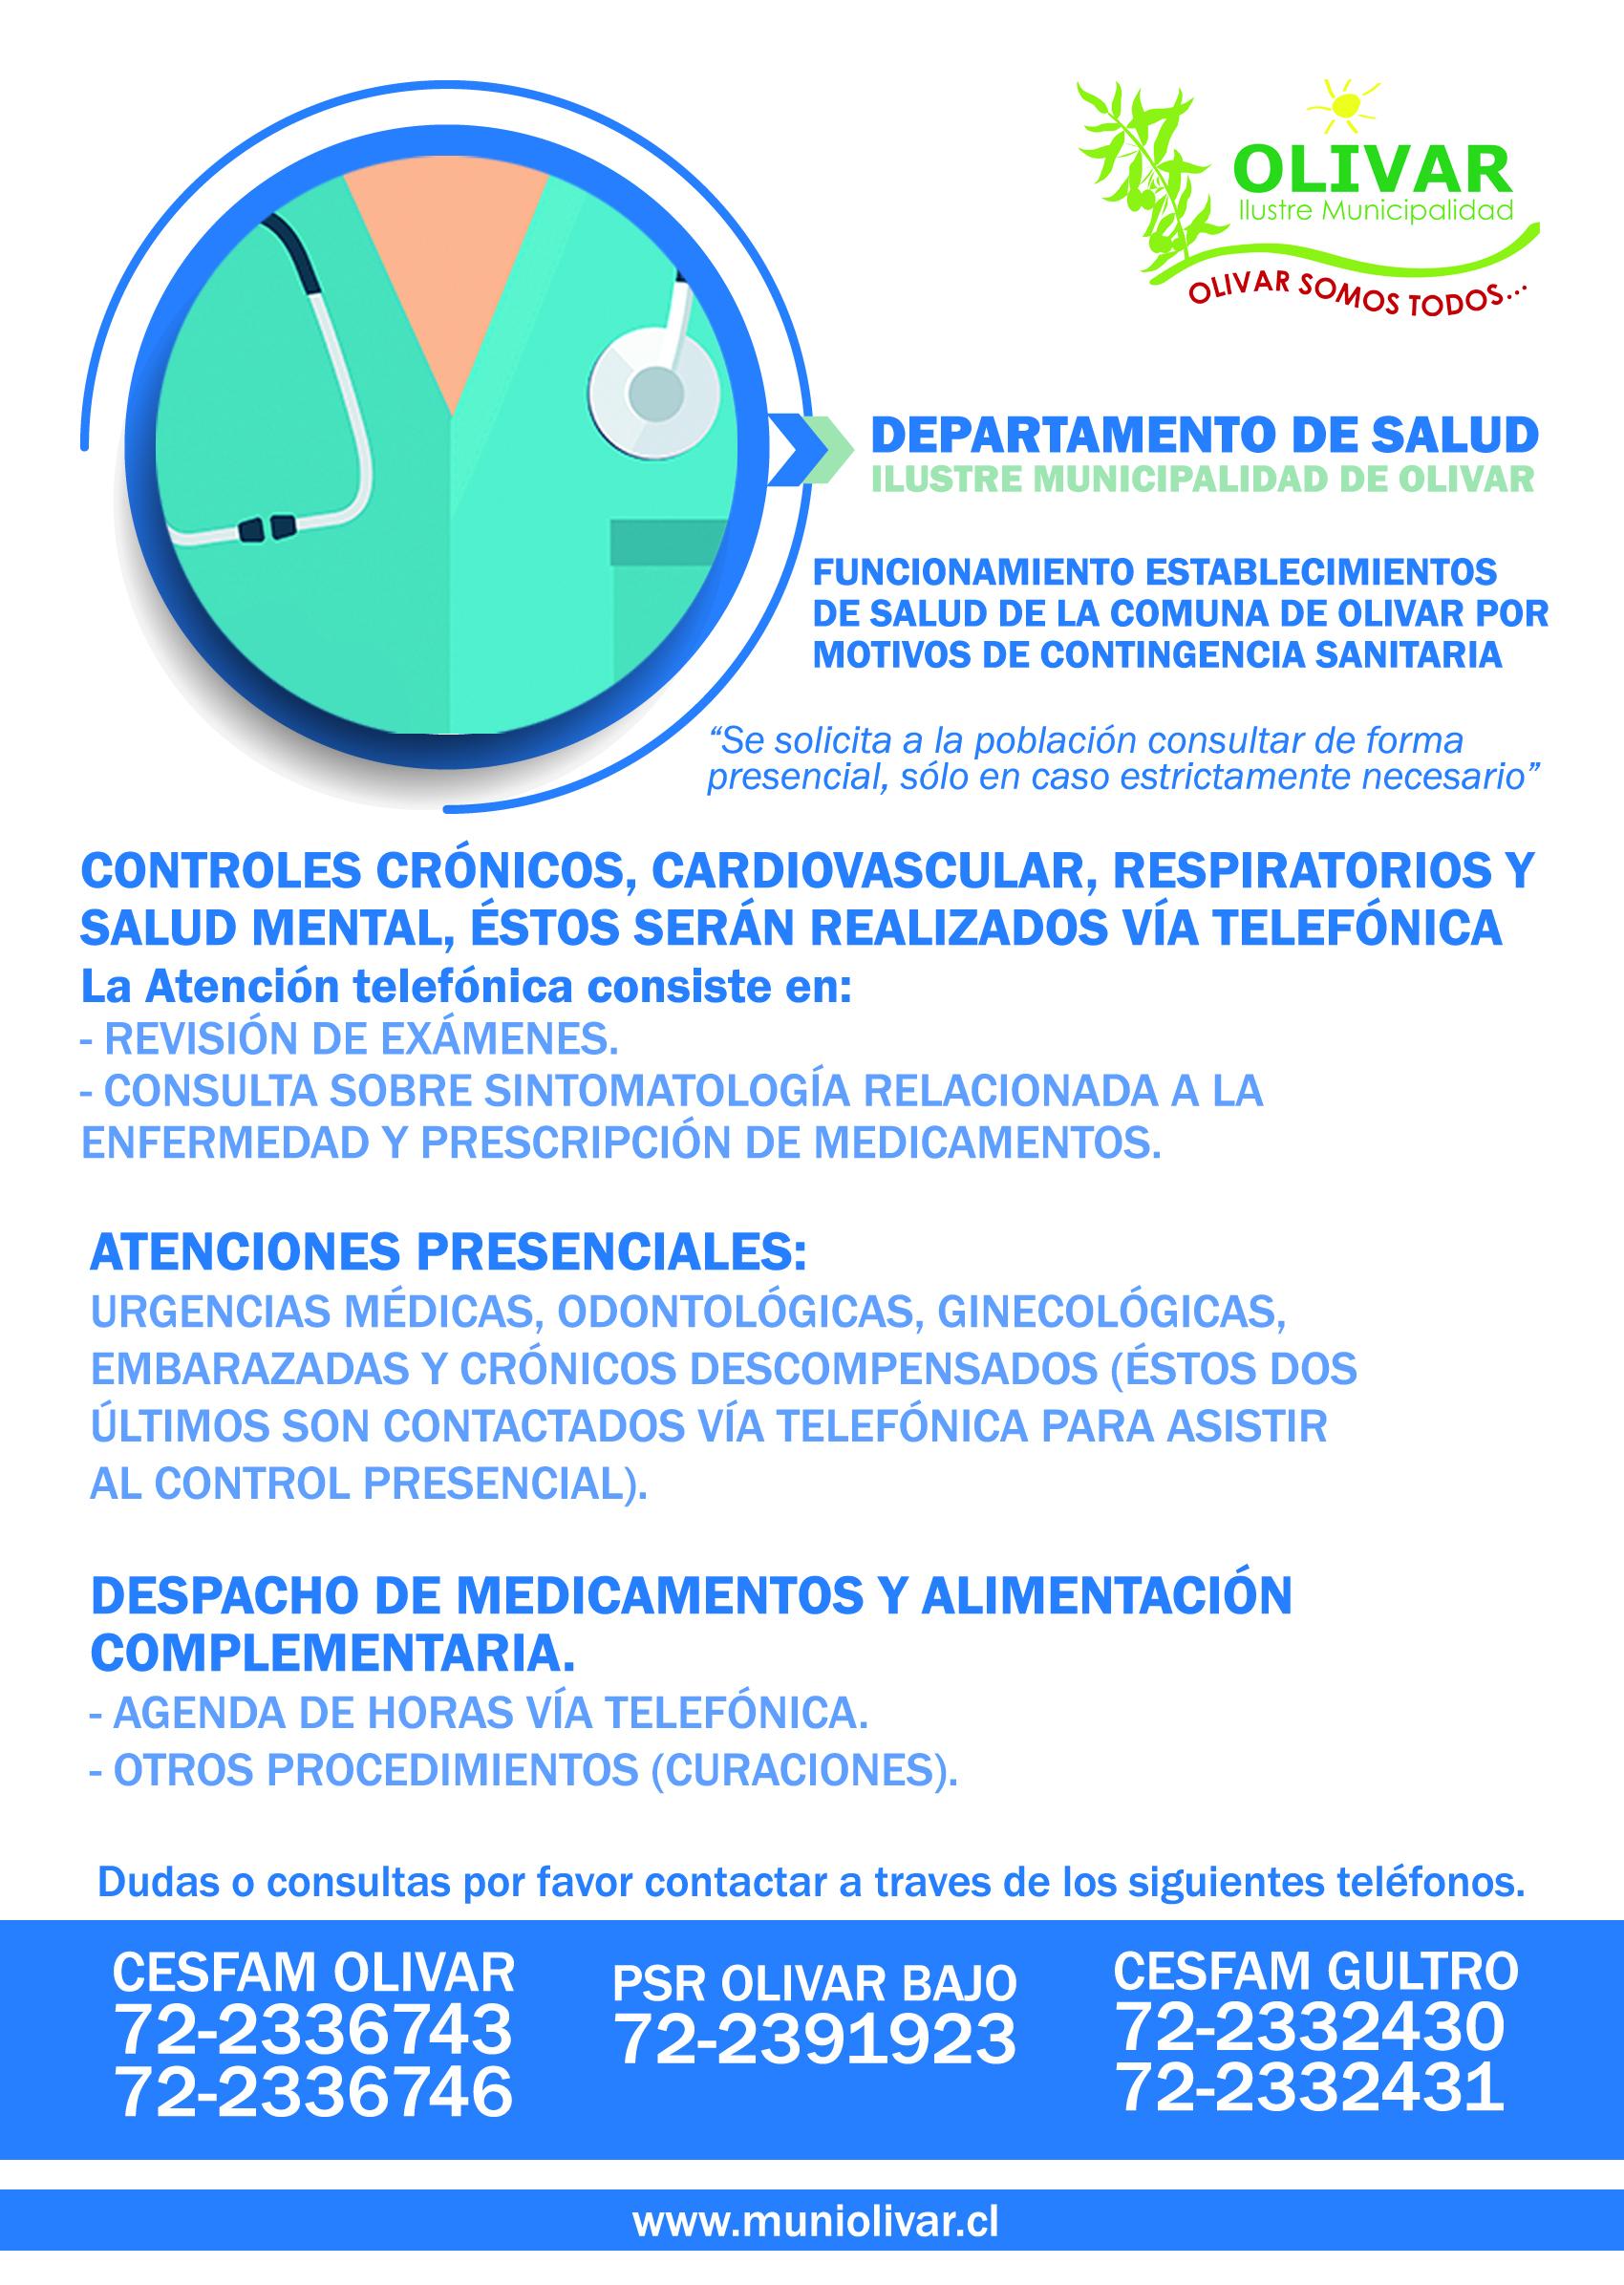 MEDIDAS Y FUNCIONAMIENTO DEL DEPARTAMENTO DE SALUD DURANTE LA EMERGENCIA COVID 19